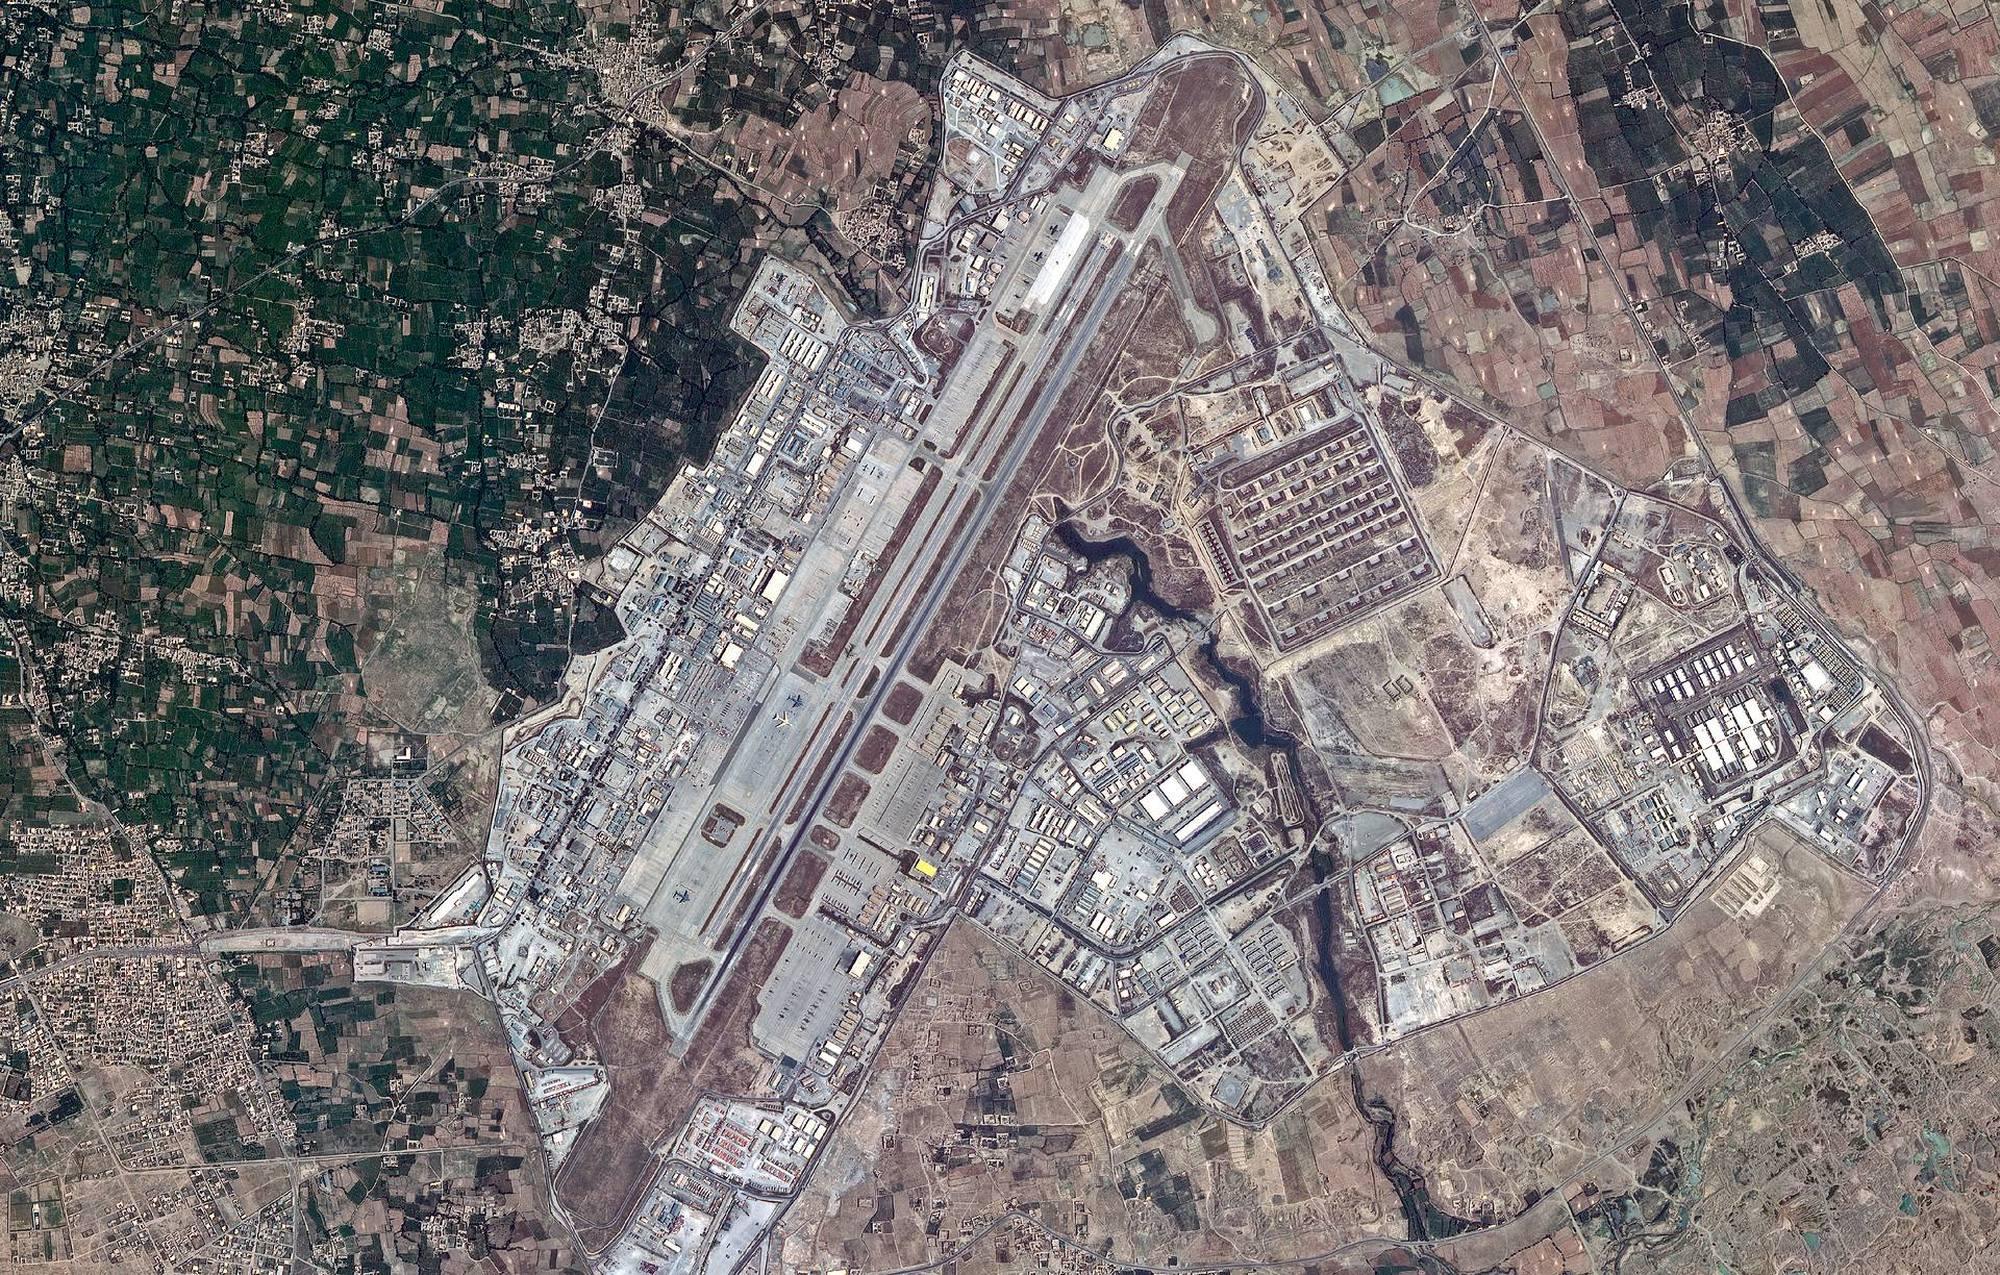 La base aérienne de Bagram en Afghanistan, d'où les troupes américaines ont été retirées.